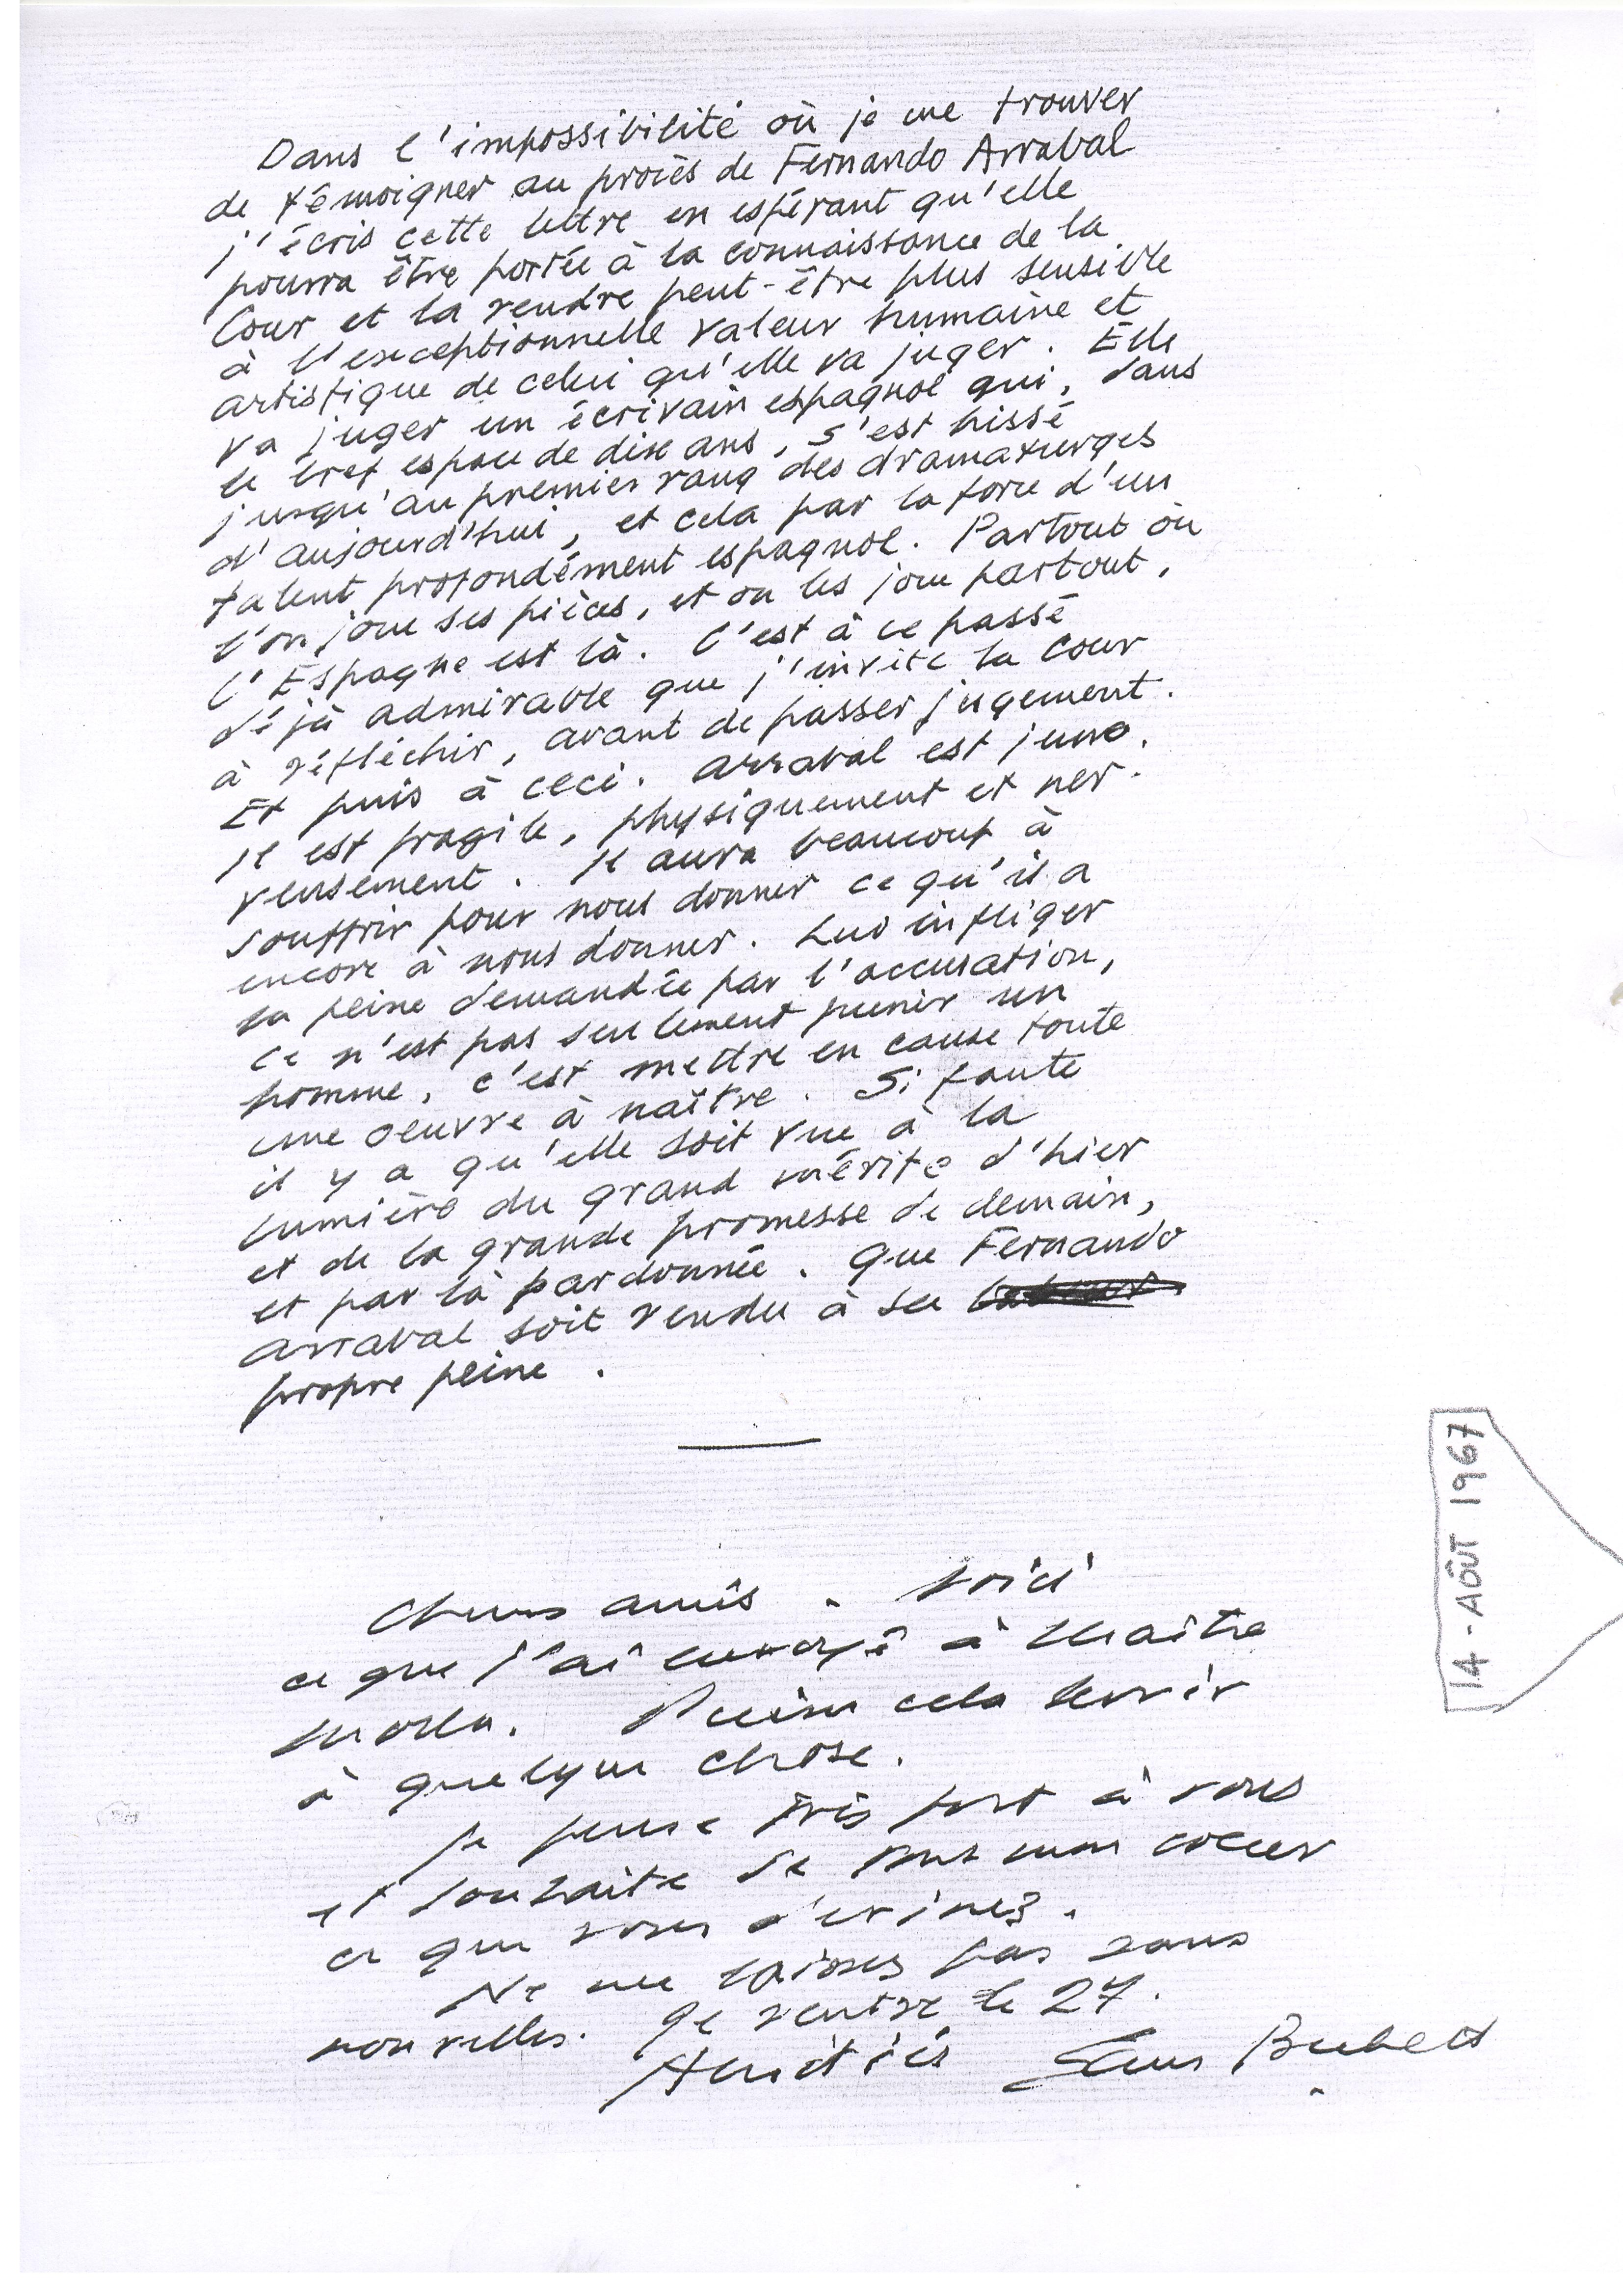 Lettre de Samuel Beckett en défense de Fernando Arrabal. 14 août 1967.